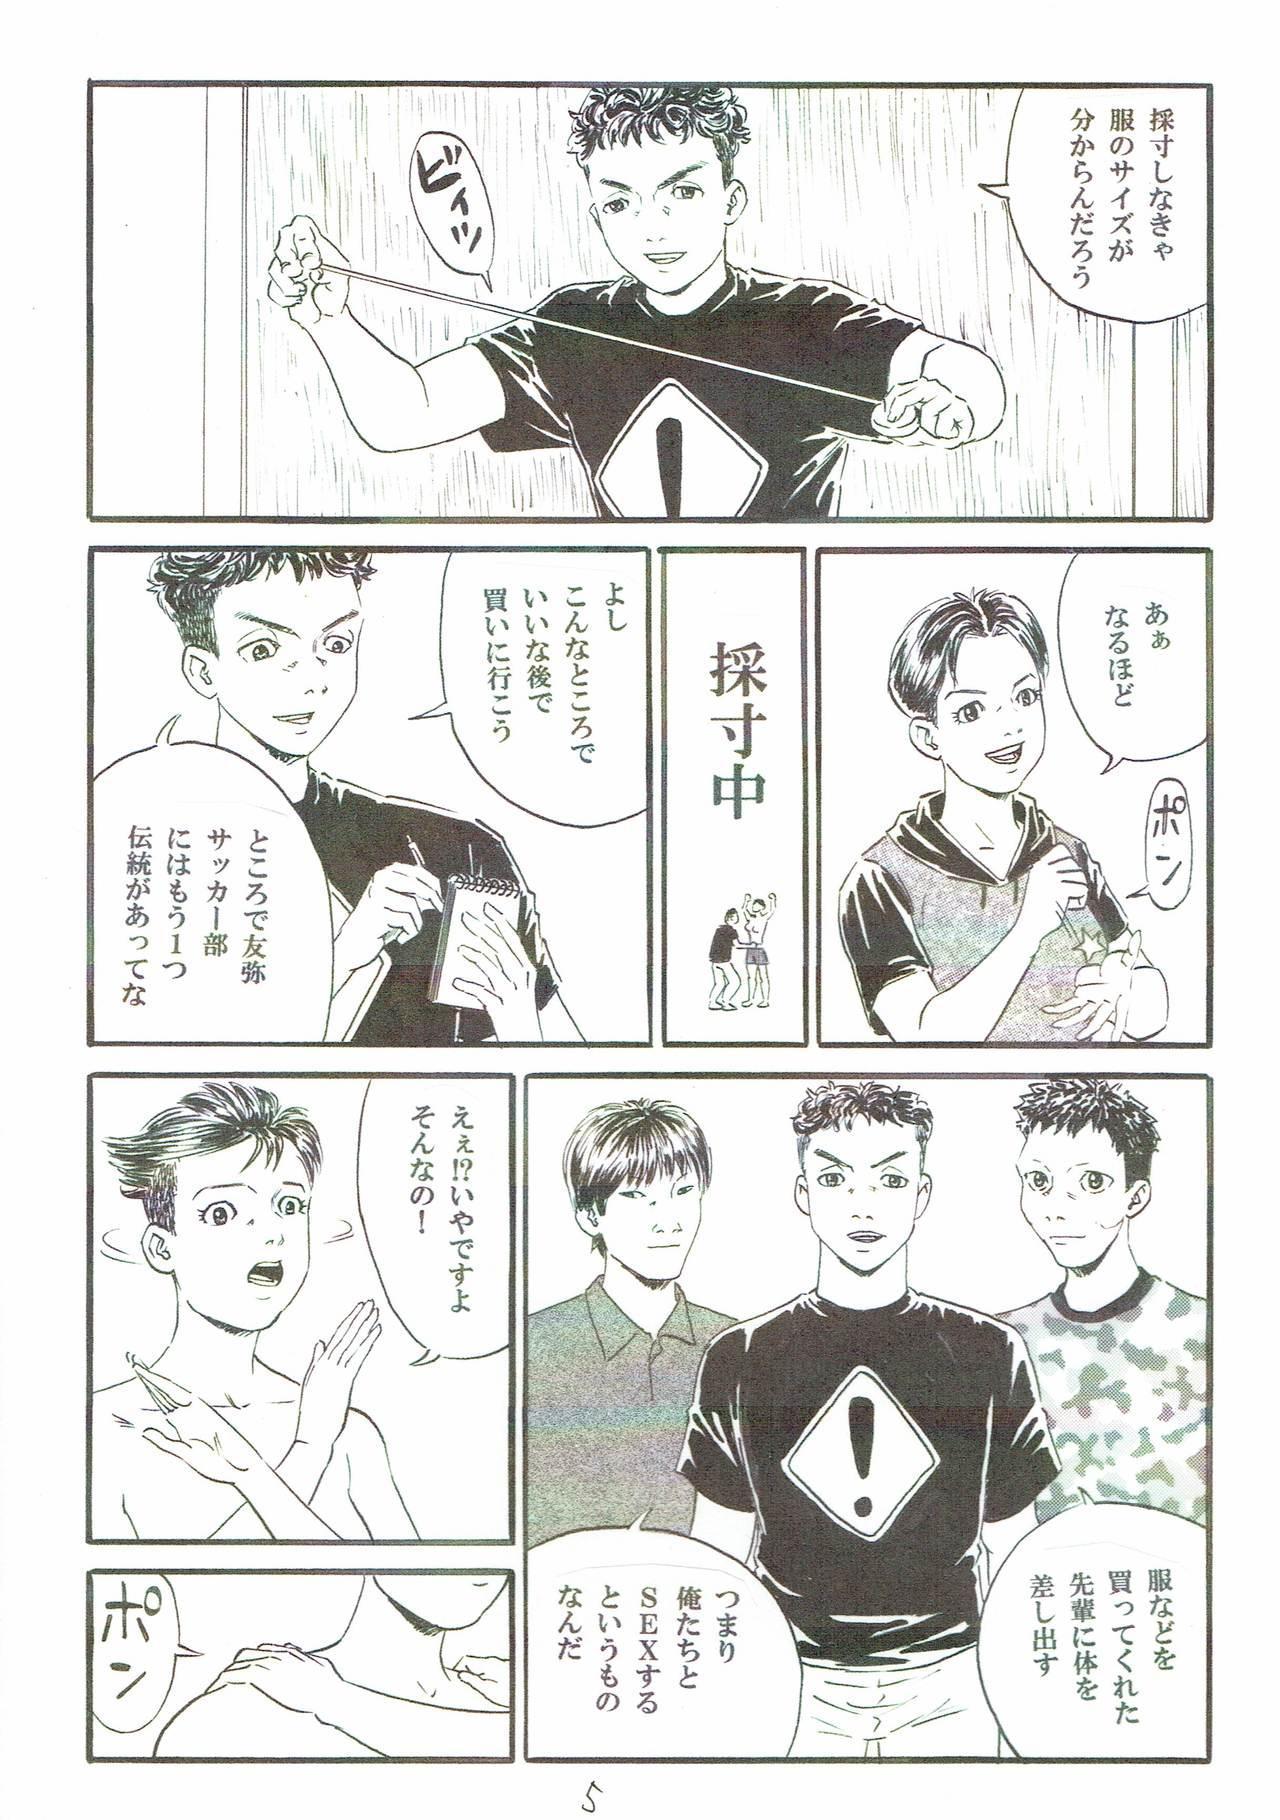 Atarashii Seikyouiku5 5